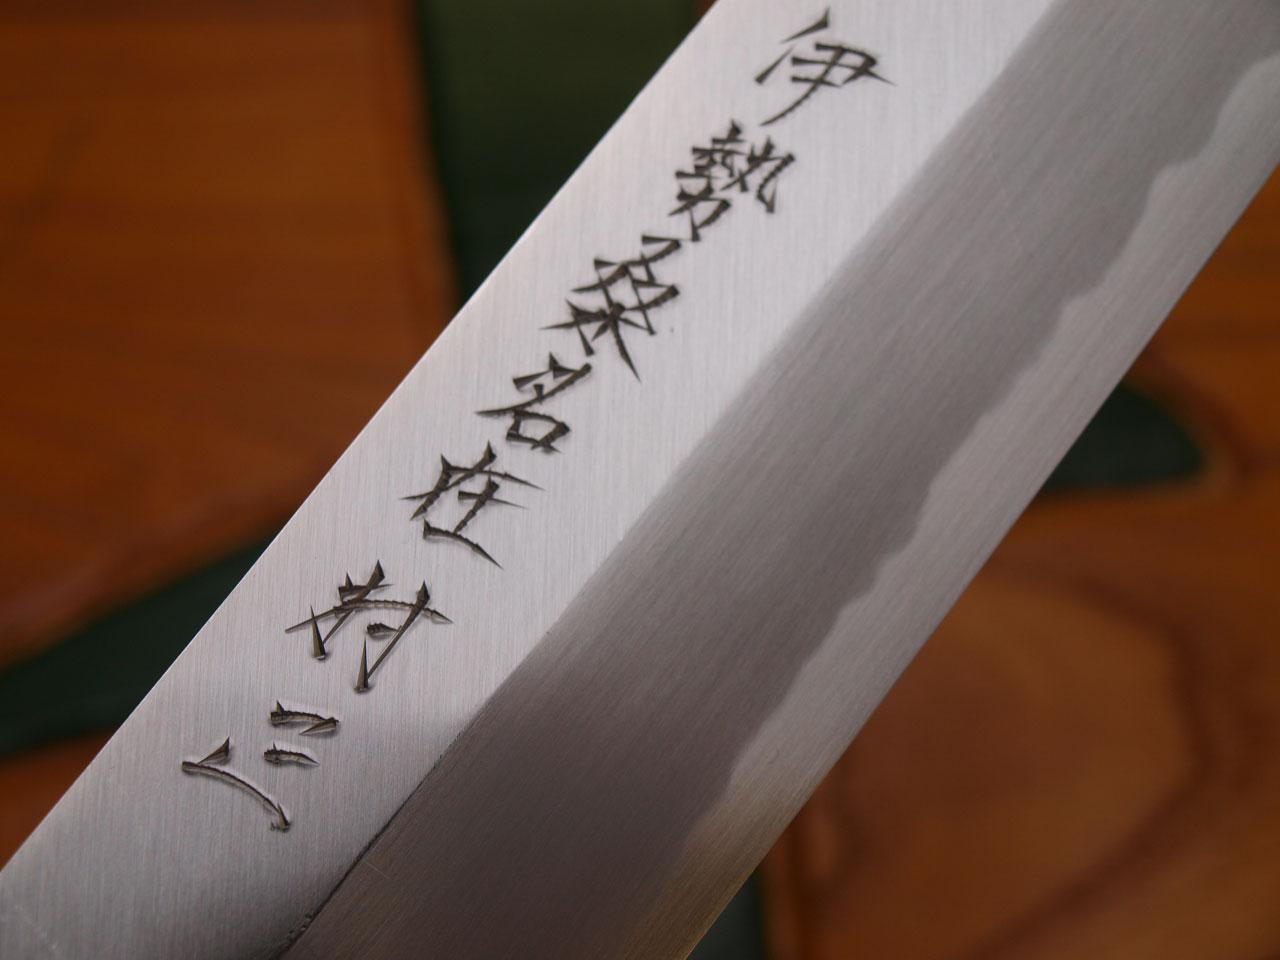 【即納】和包丁 柳刃330mm 銘:【 村正】白紙2号 柳刃包丁★写真は違います。